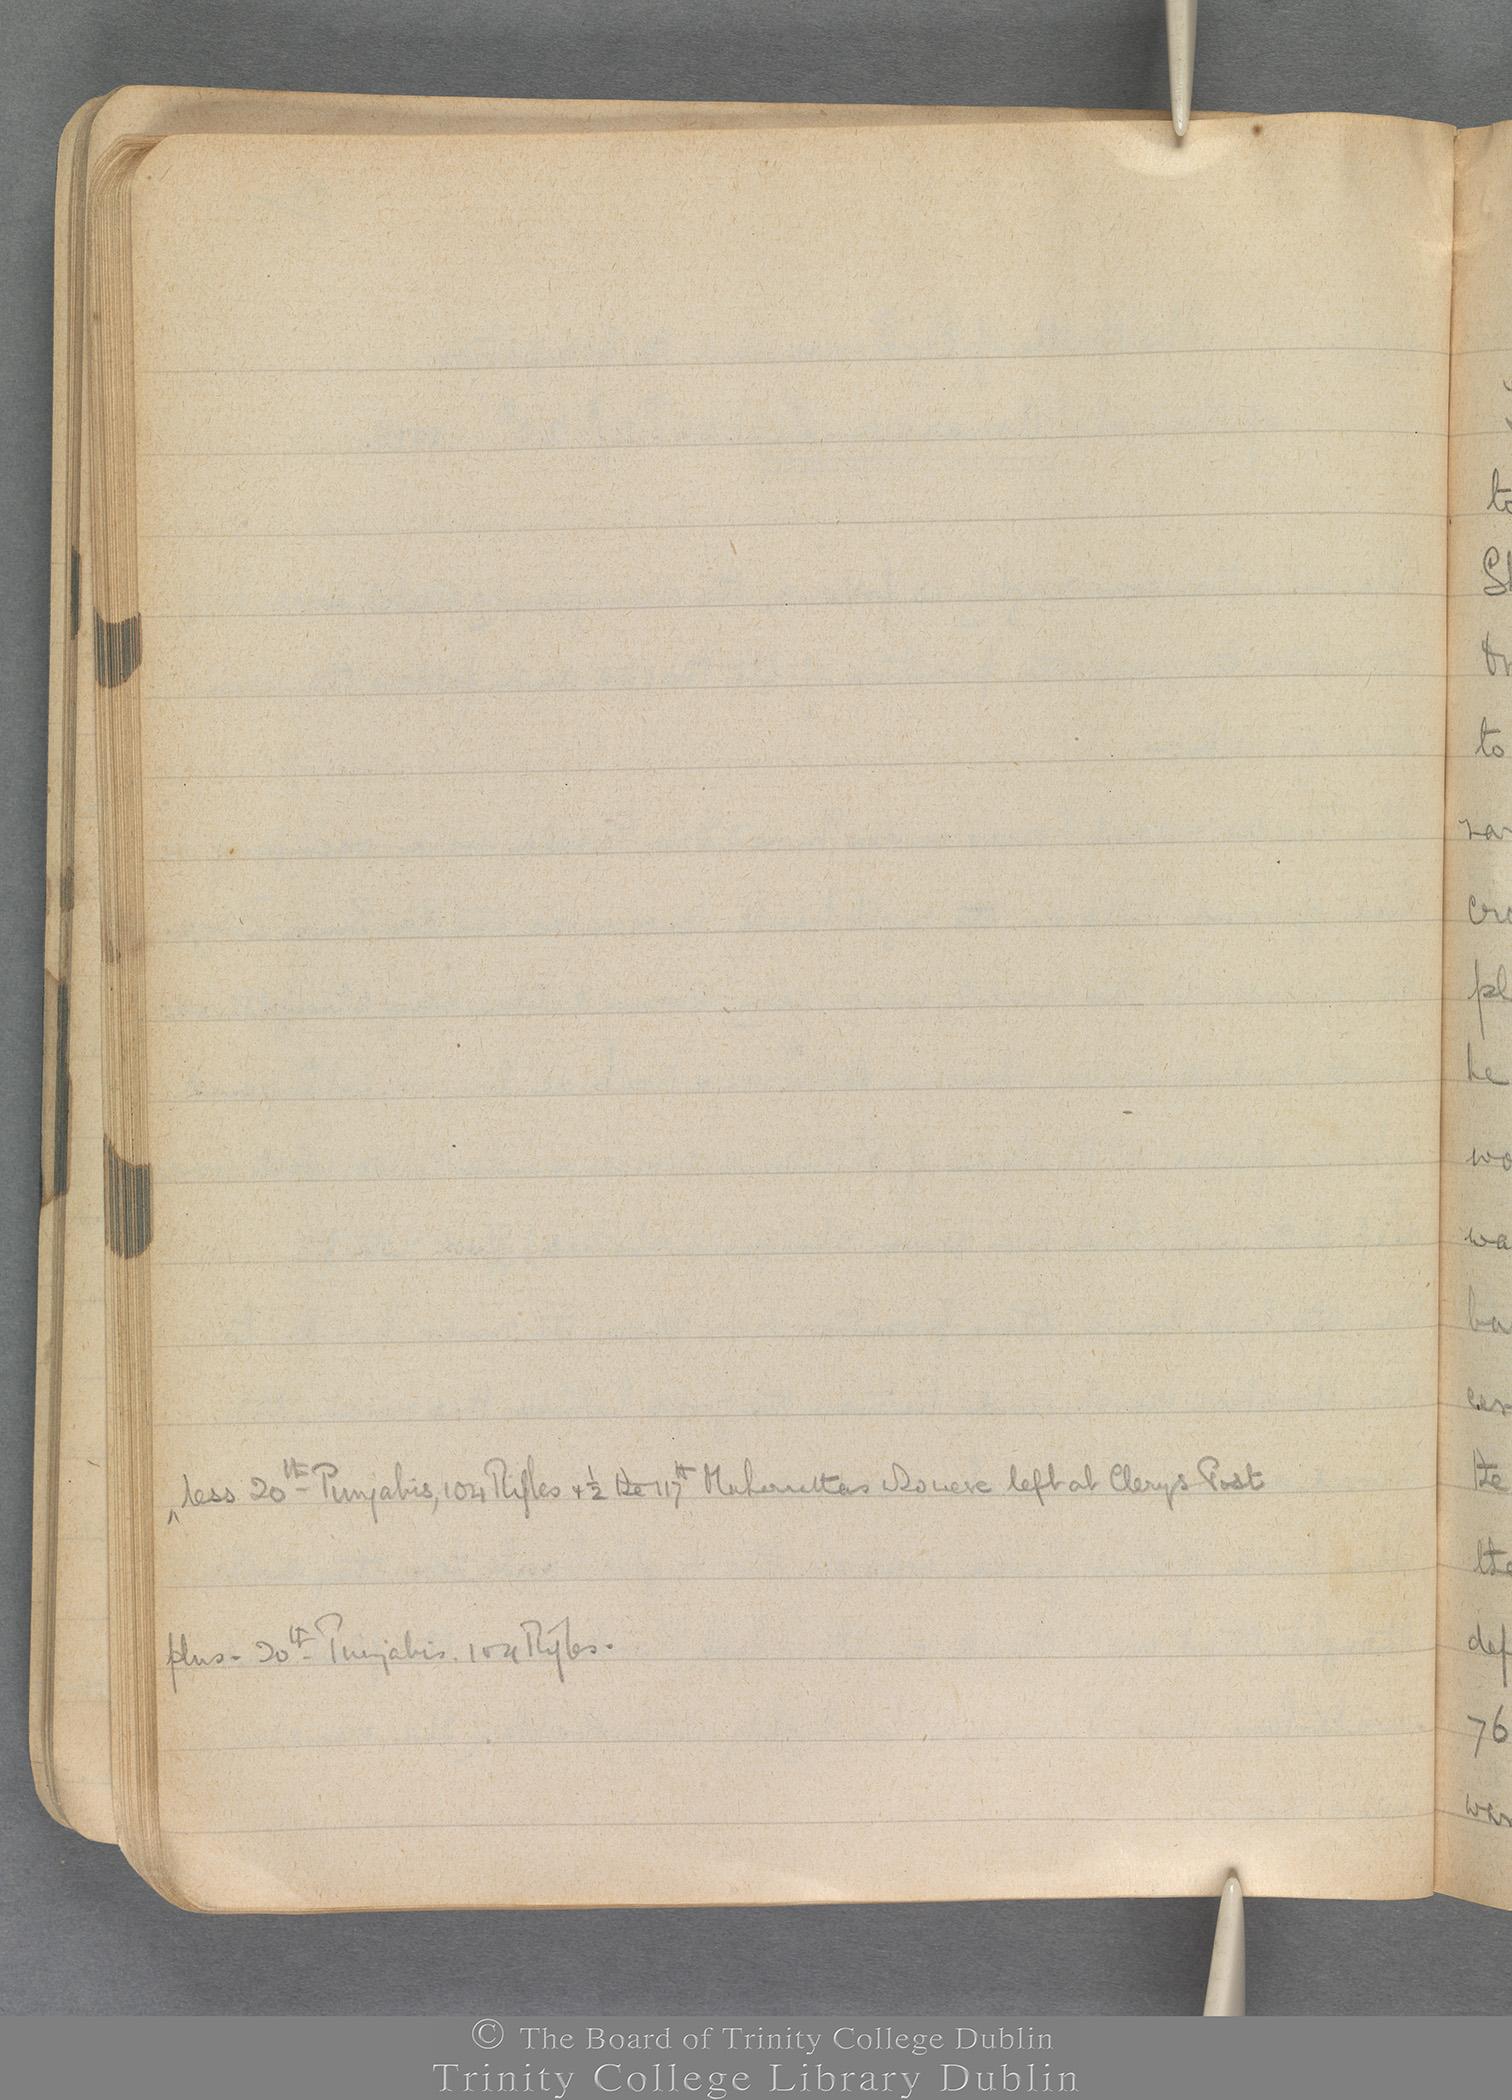 TCD MS 3414 folio 43 verso